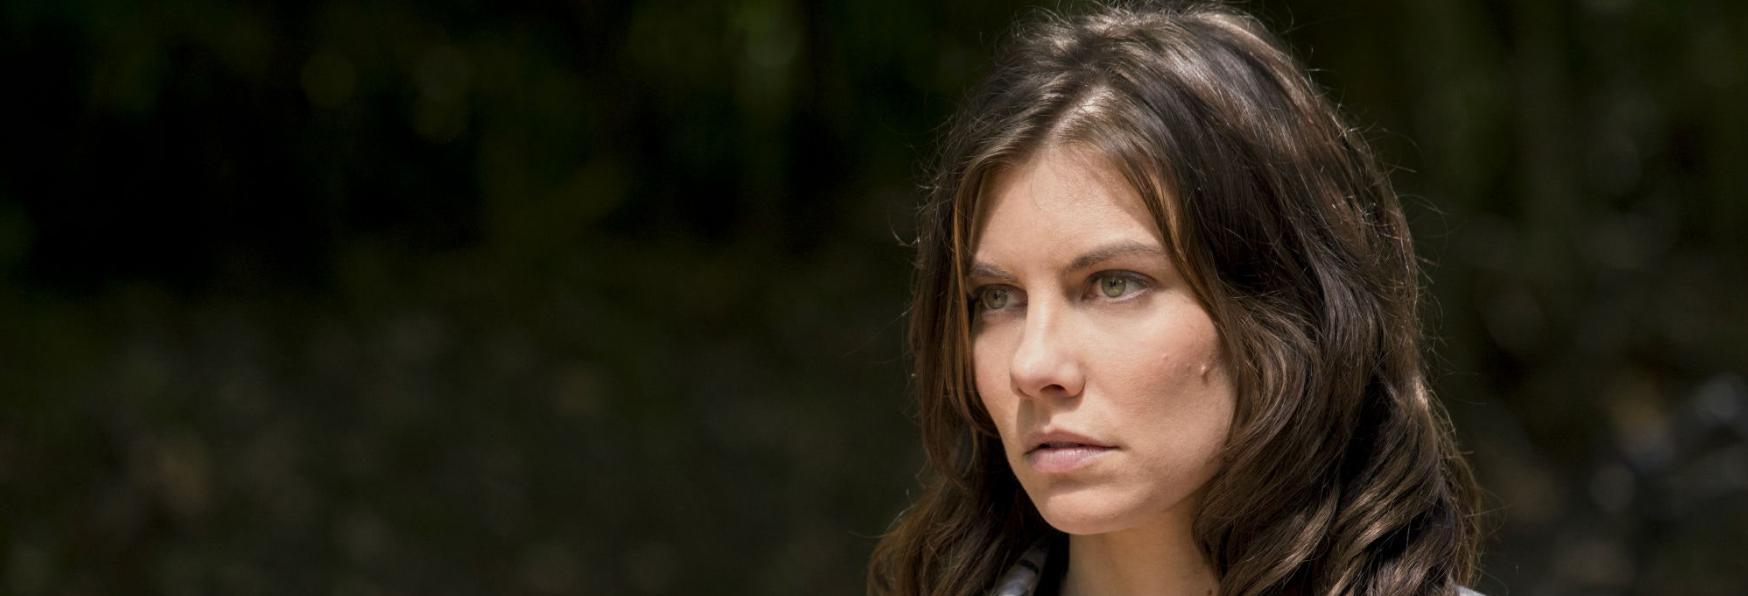 The Walking Dead stagione 11: Riuscirà Maggie a perdonare Negan? Ne parla la Showrunner Angela Kang